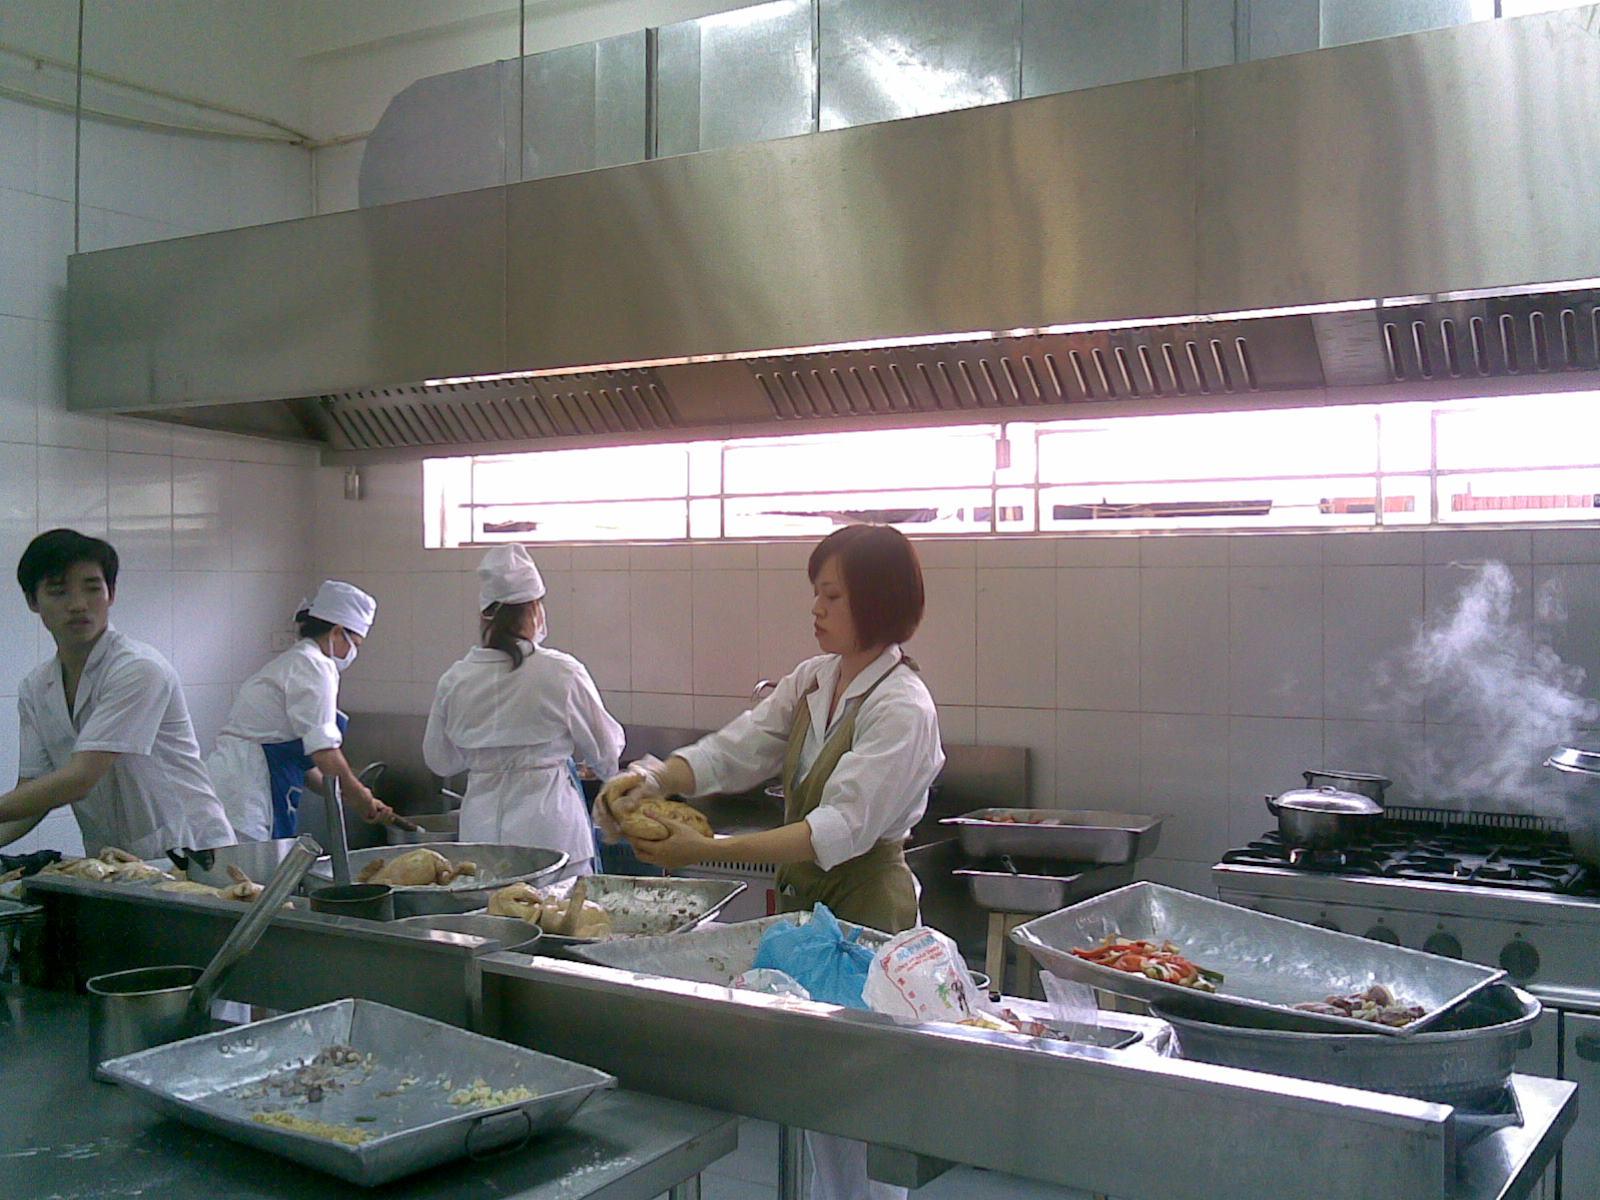 Thủ tục cấp lại giấy chứng nhận vệ sinh an toàn thực phẩm